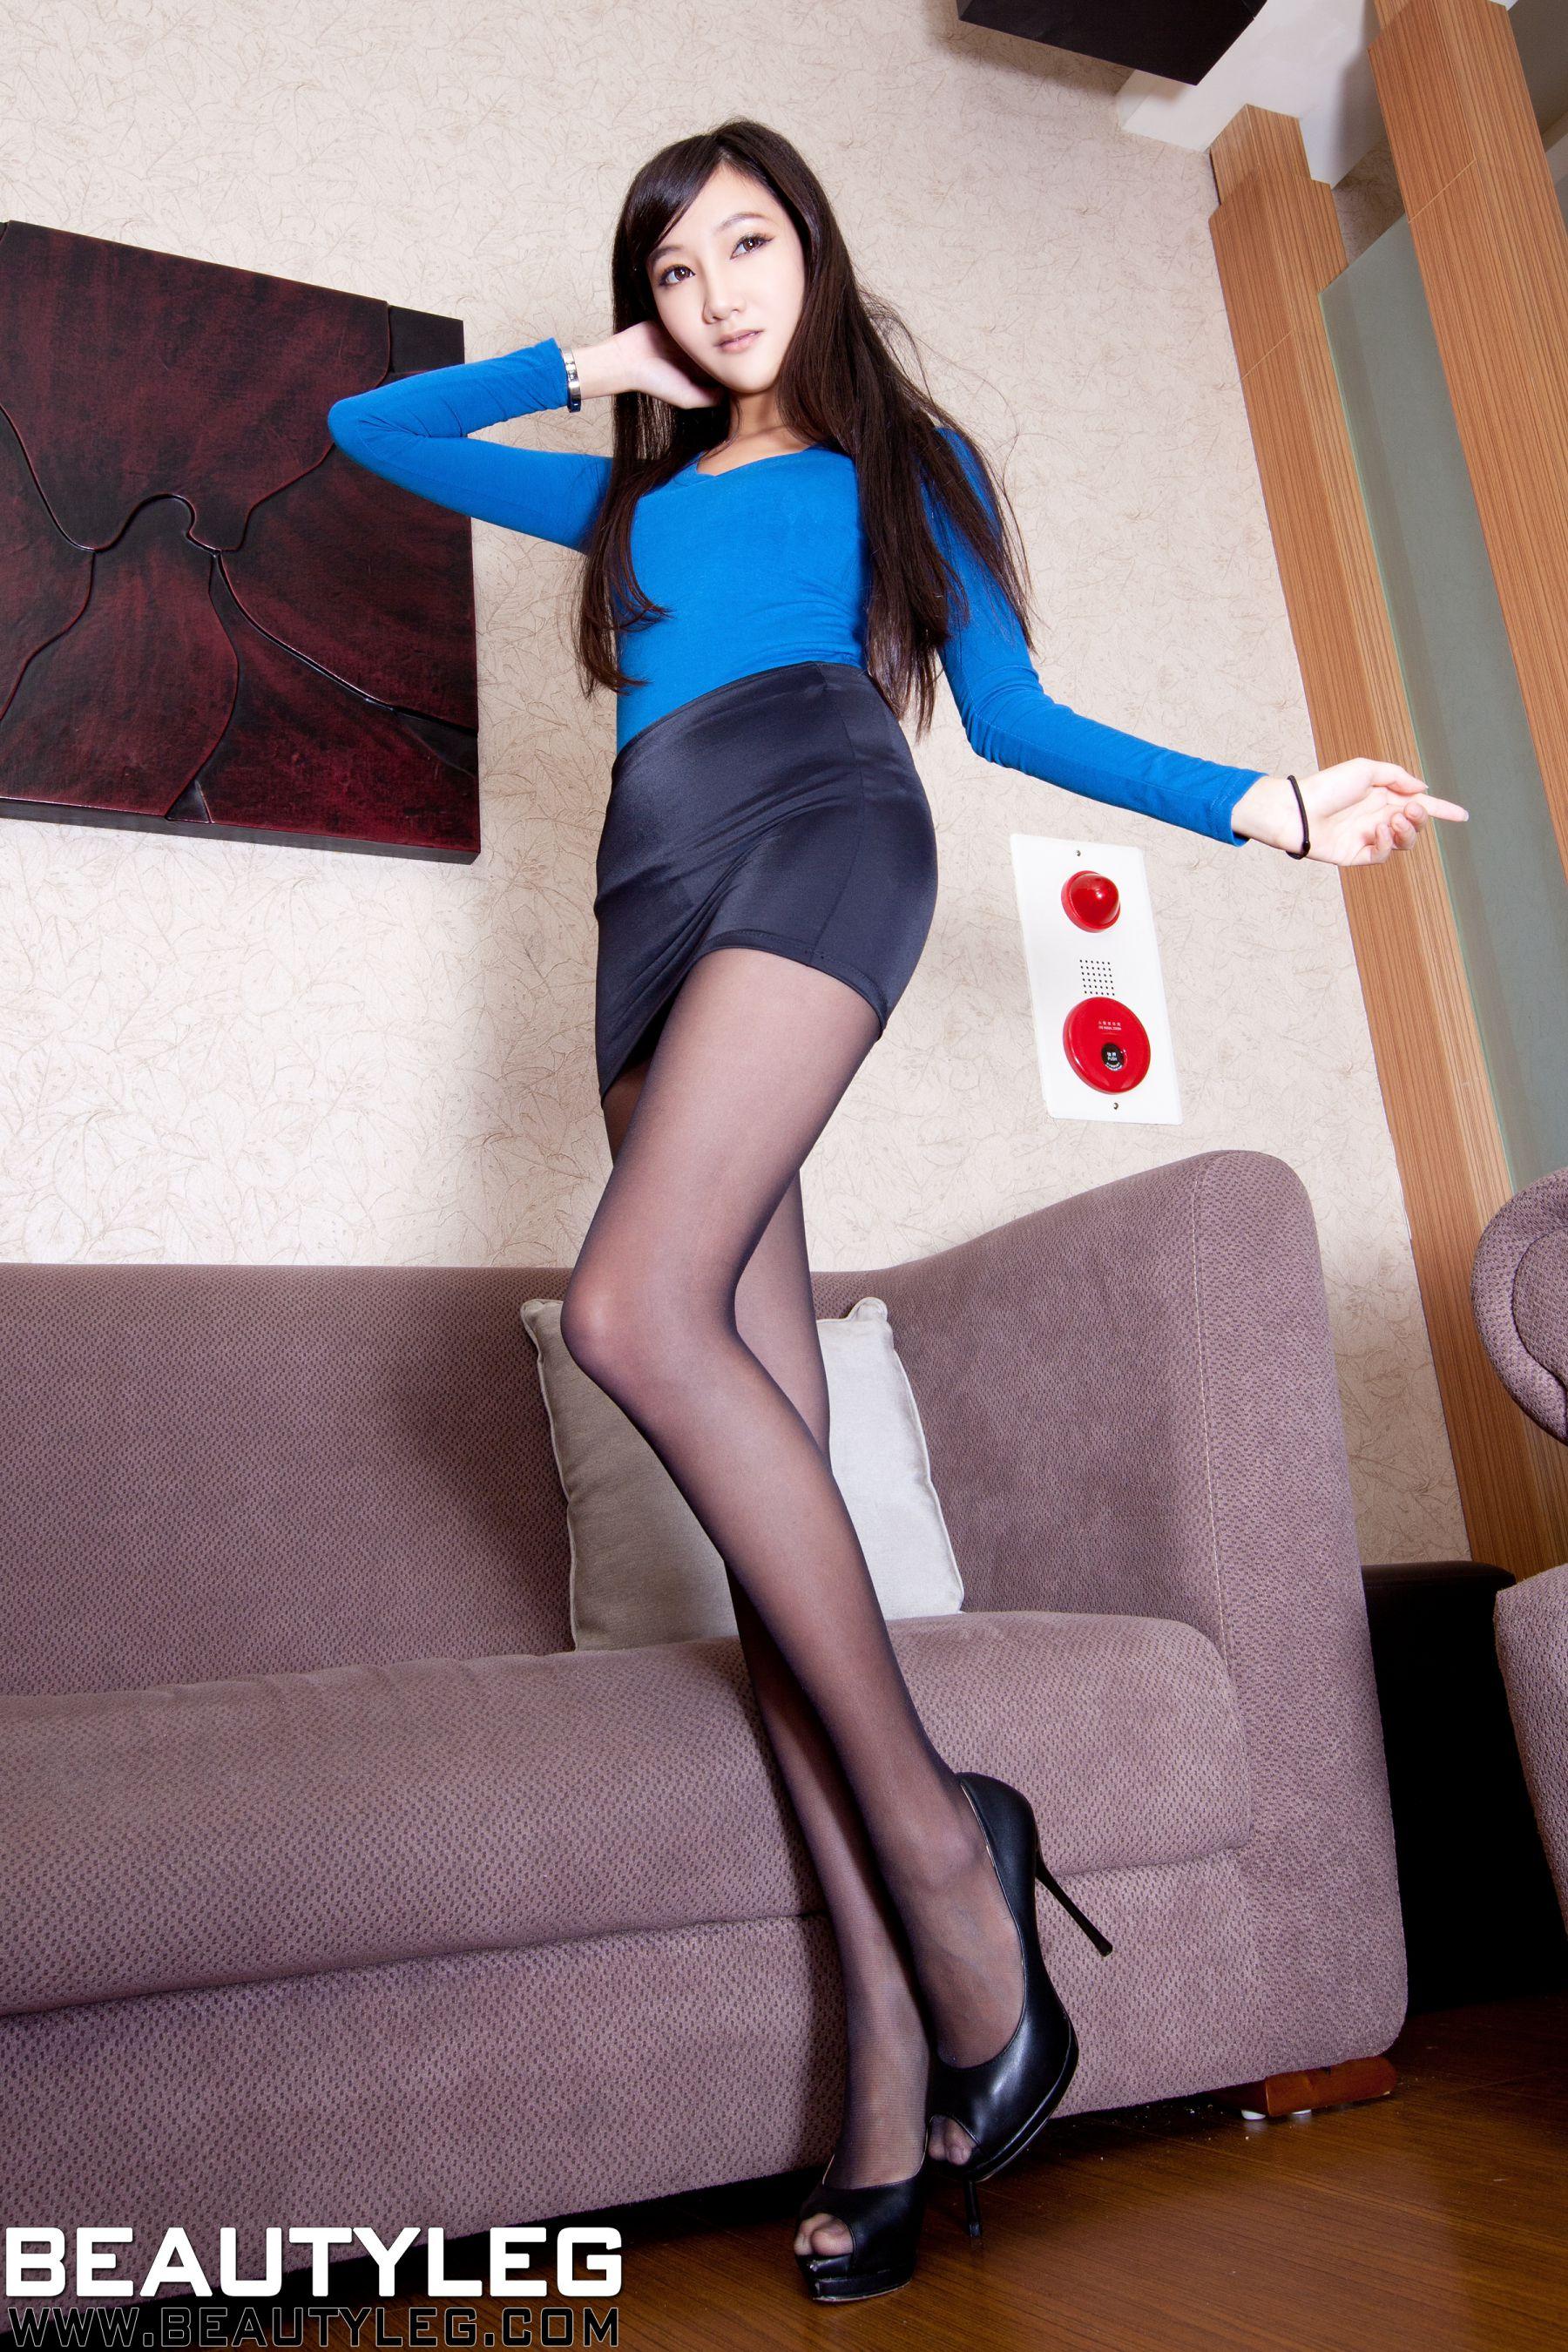 VOL.1777 [Beautyleg]超短裙丝袜美腿黑丝:陈思婷(腿模Tina,李霜)高品质写真套图(49P)